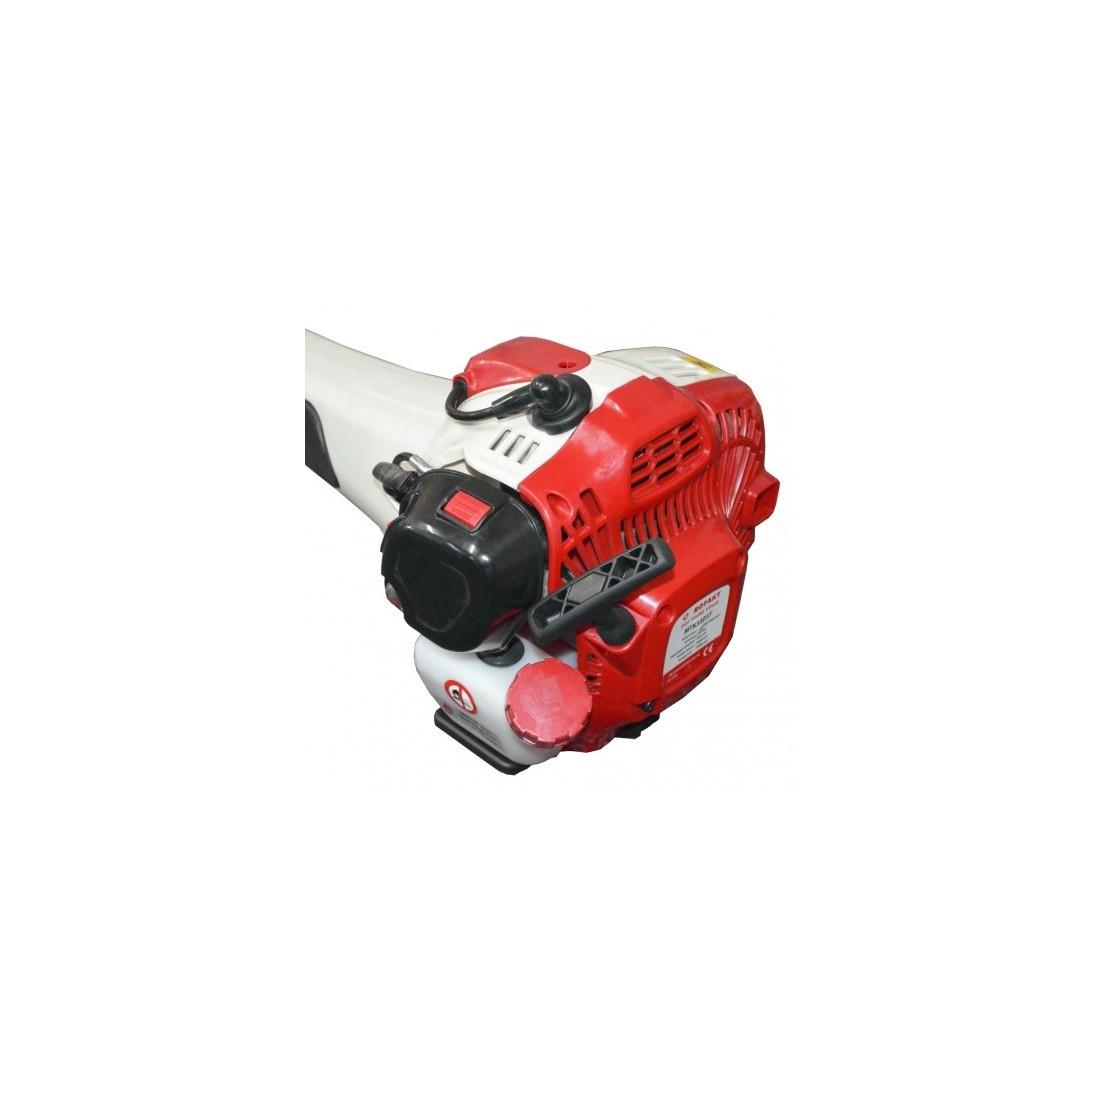 Motocoasă de umăr Rotakt MTK3303T, motor 2 timpi, 1.2 CP